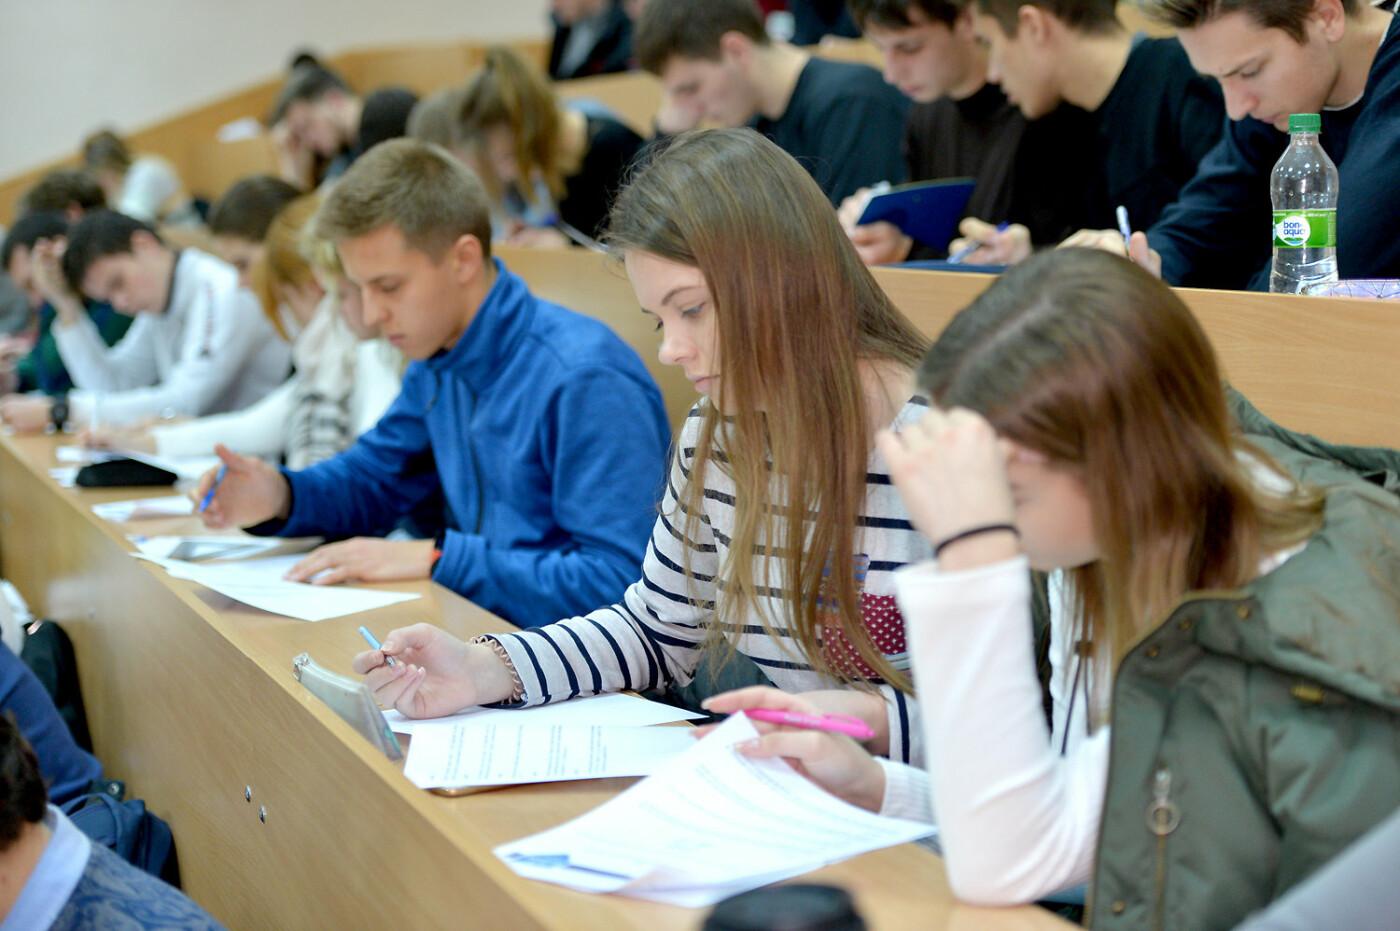 Студенты Днепропетровщины участвуют в конкурсе «Авиатор 2020» и борются за поездку в Лондон, фото-1